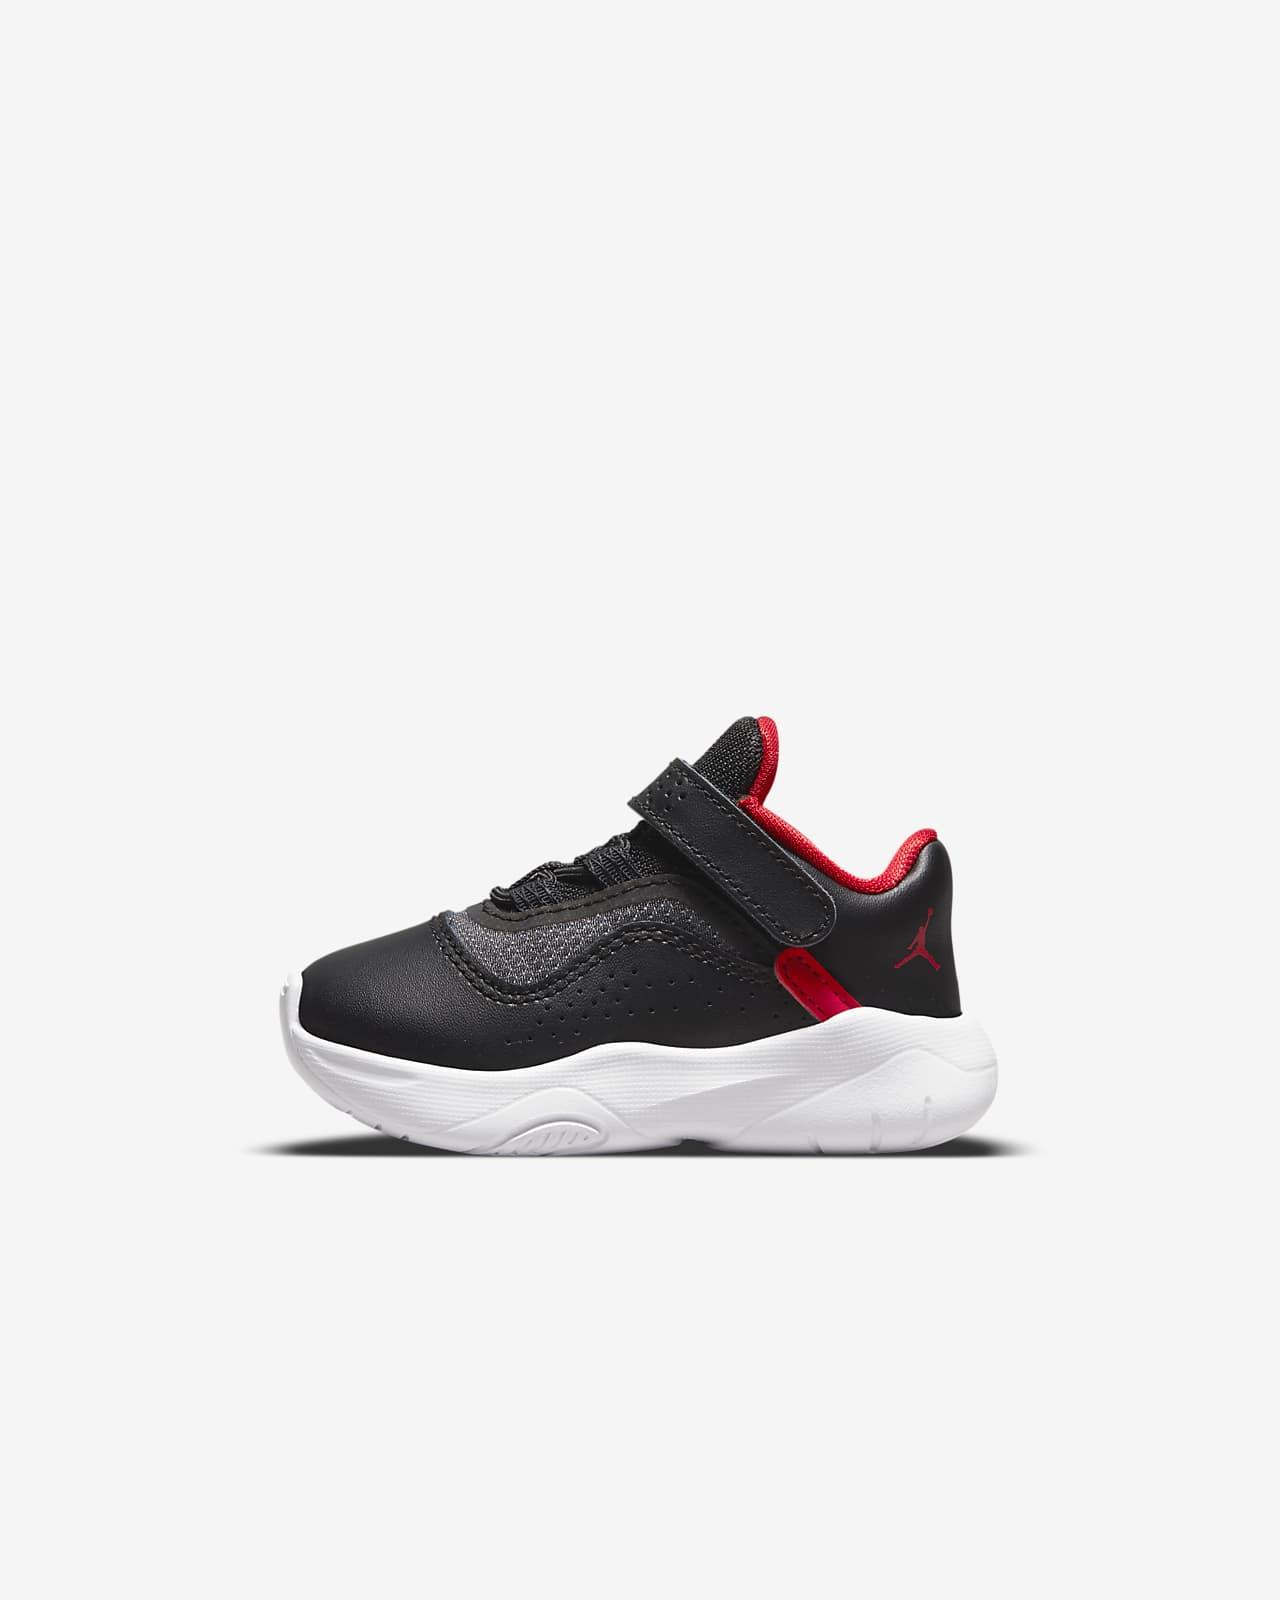 Jordan 11 CMFT Low Schuh für Babys und Kleinkinder